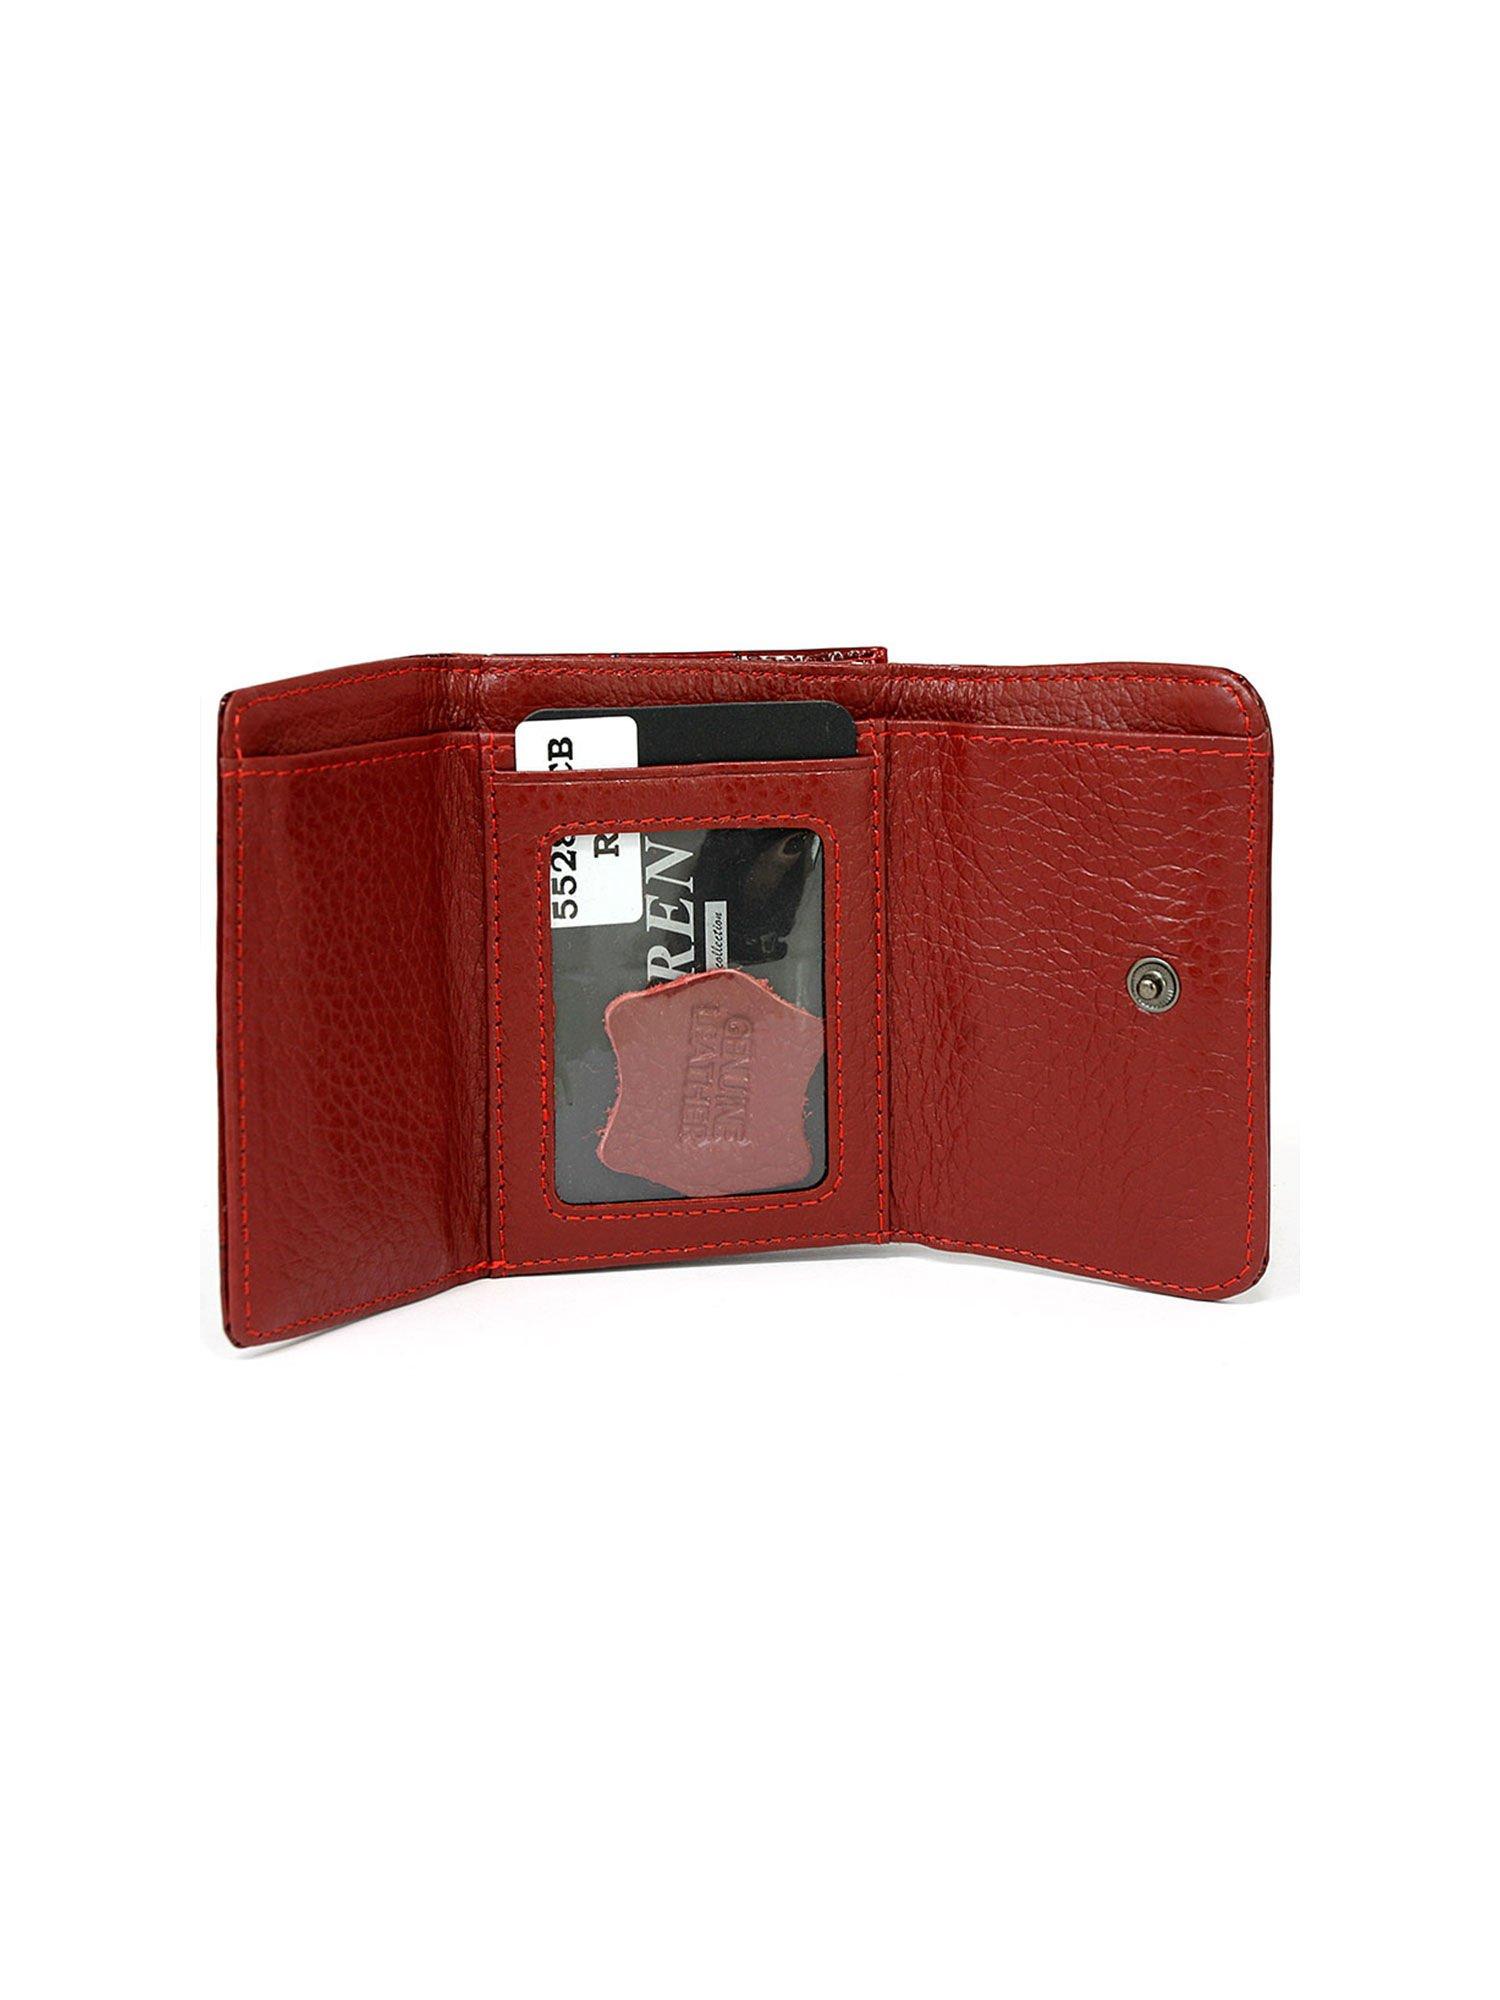 6949f6abdfc97 Damski czerwony portfel skórzany - Akcesoria portfele - sklep eButik.pl